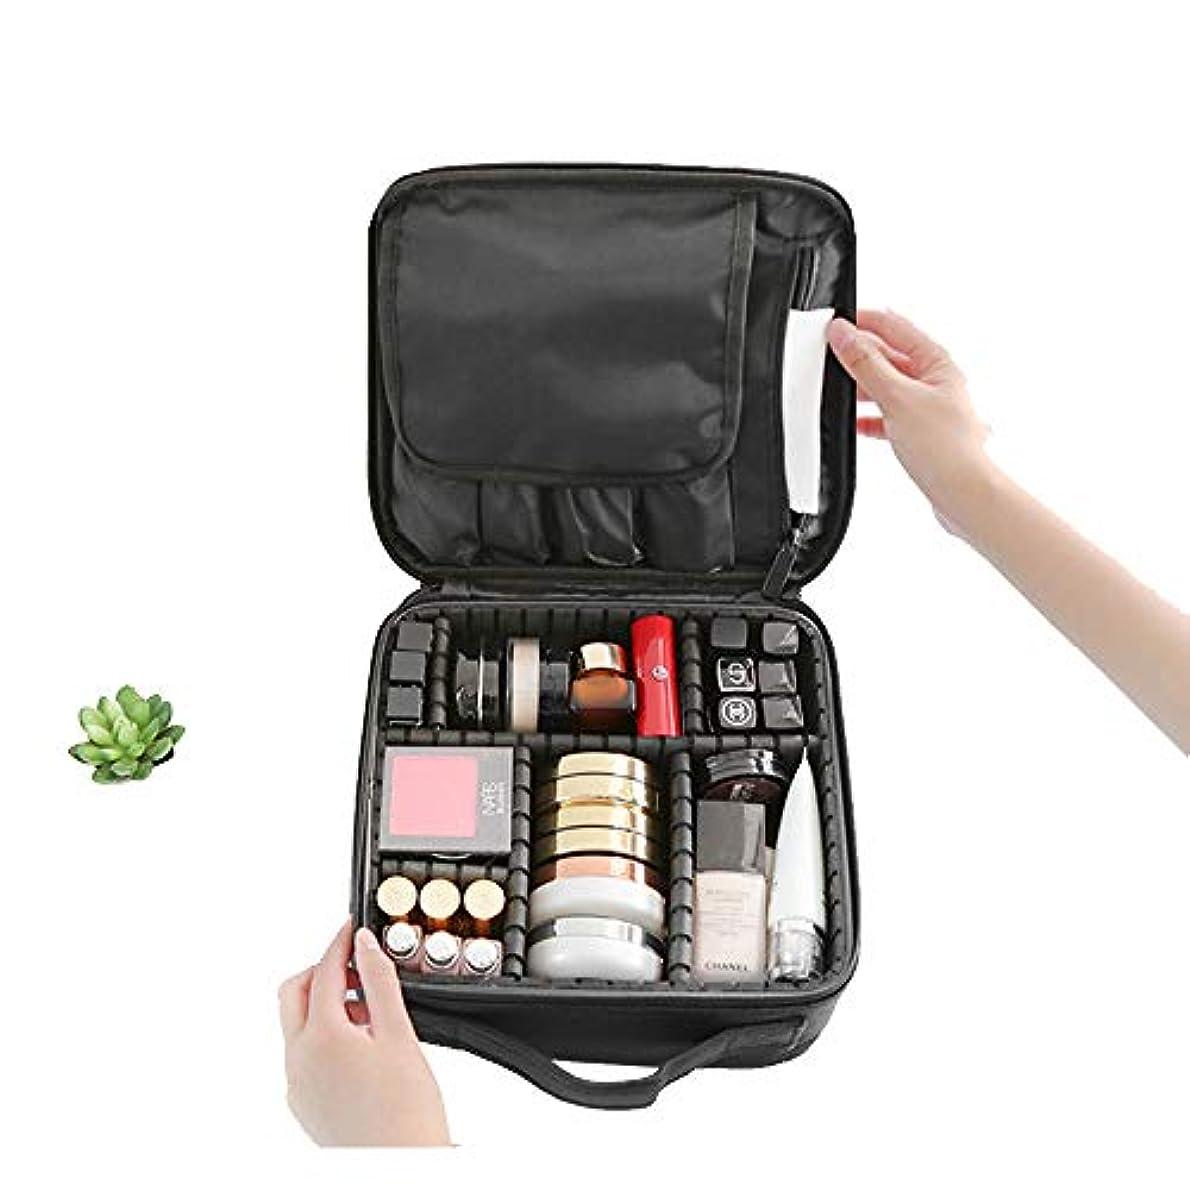 トランクライブラリ算術ペット化粧バッグ/化粧バッグ、調整可能な仕切り付き化粧ケース、旅行用化粧バッグオーガナイザーとして使用、女性用ポータブル防水化粧バッグ